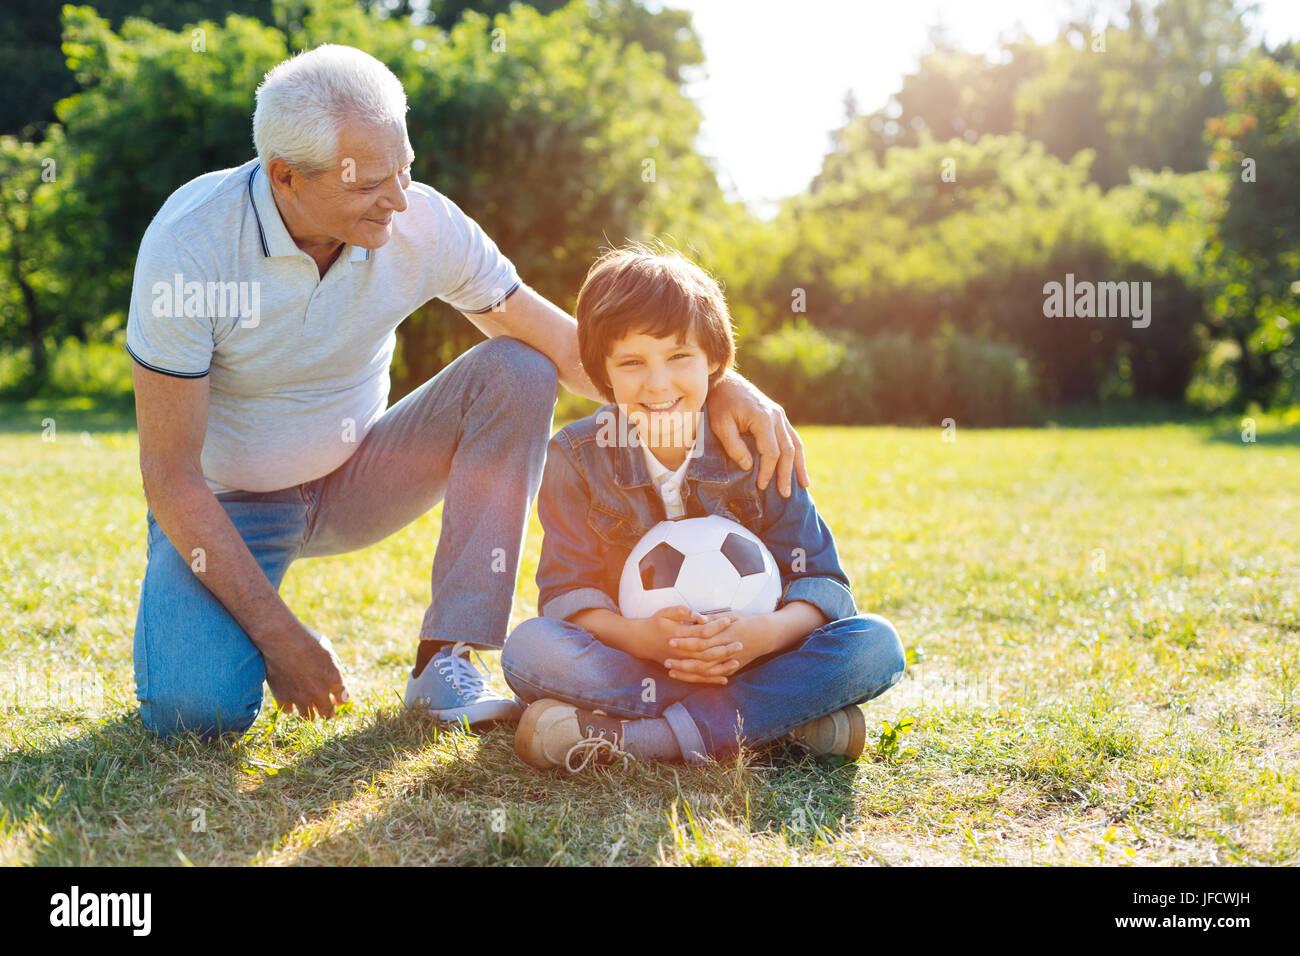 Grand passe-temps. Homme intelligent énergique dynamique prenant son grandkid dans le parc et en encourageant Photo Stock